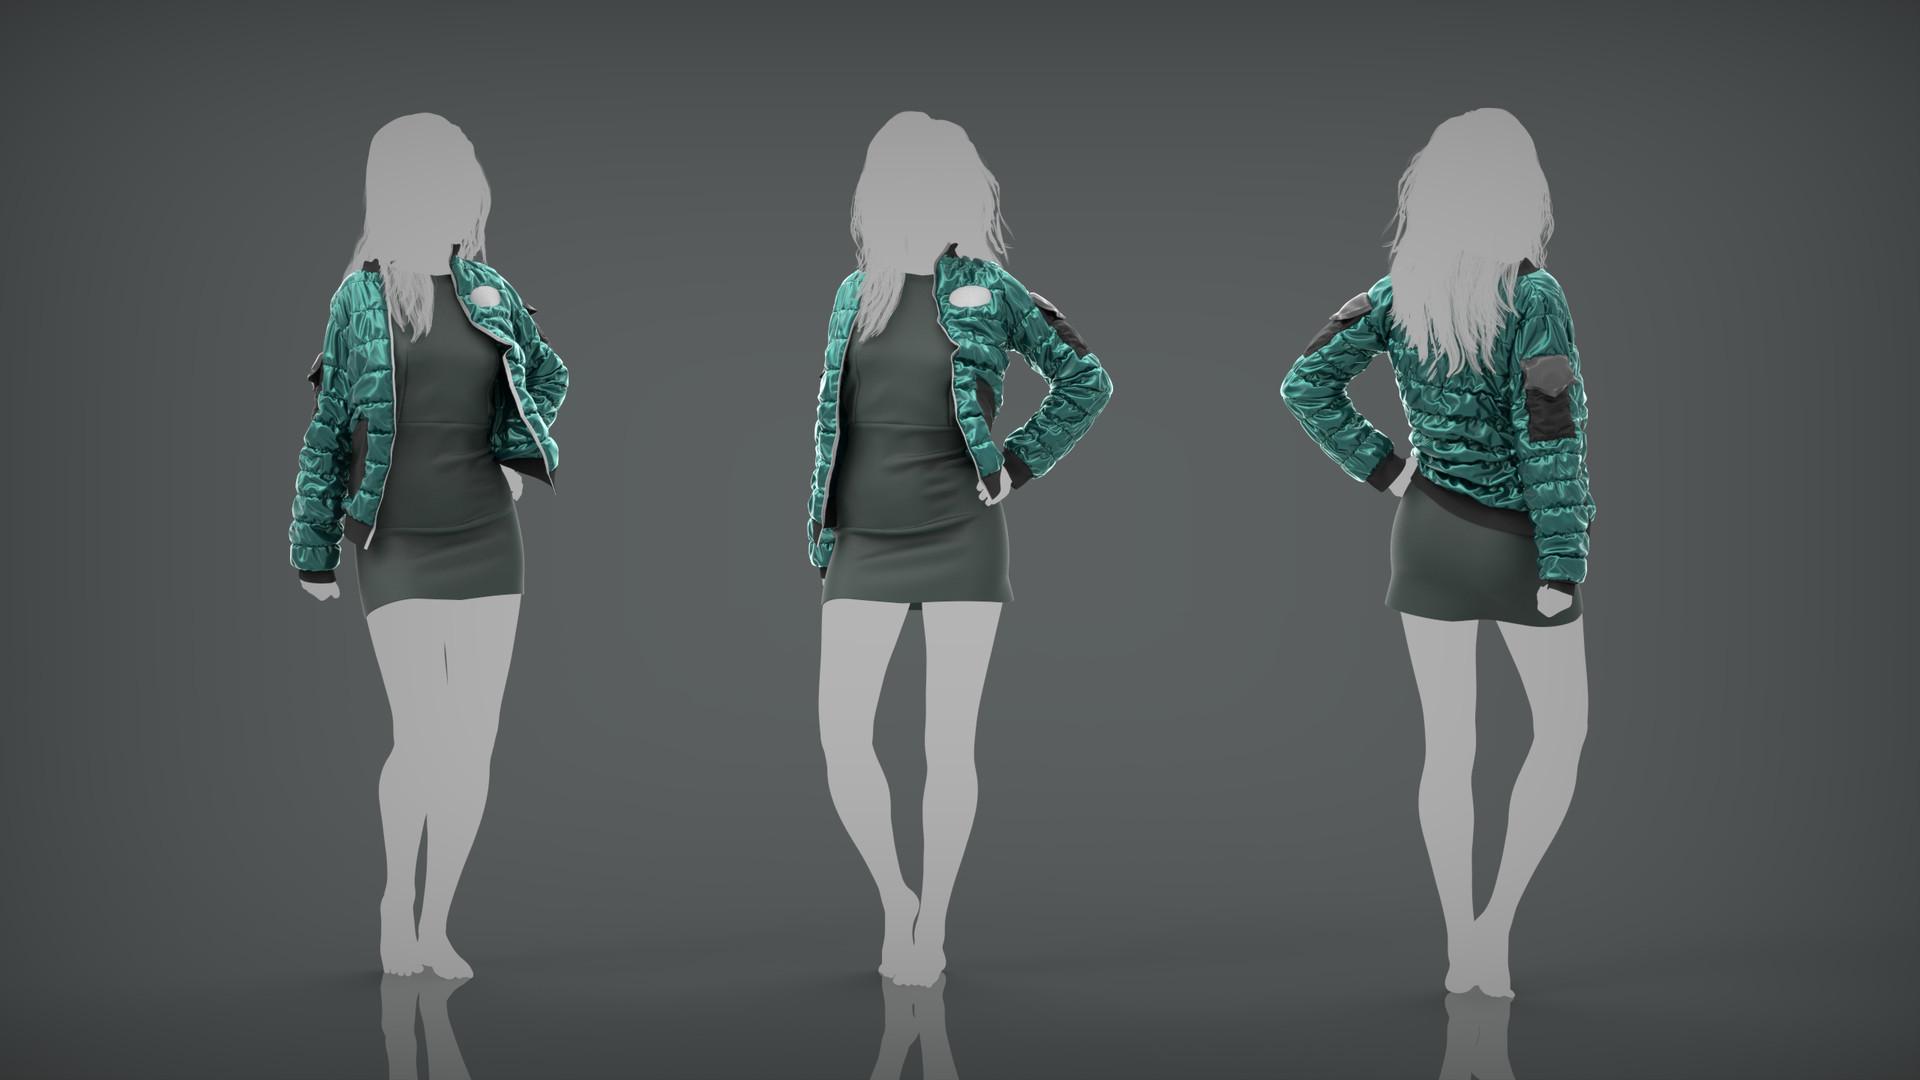 Luke Darby Marvelous Designer Clothing 2 0